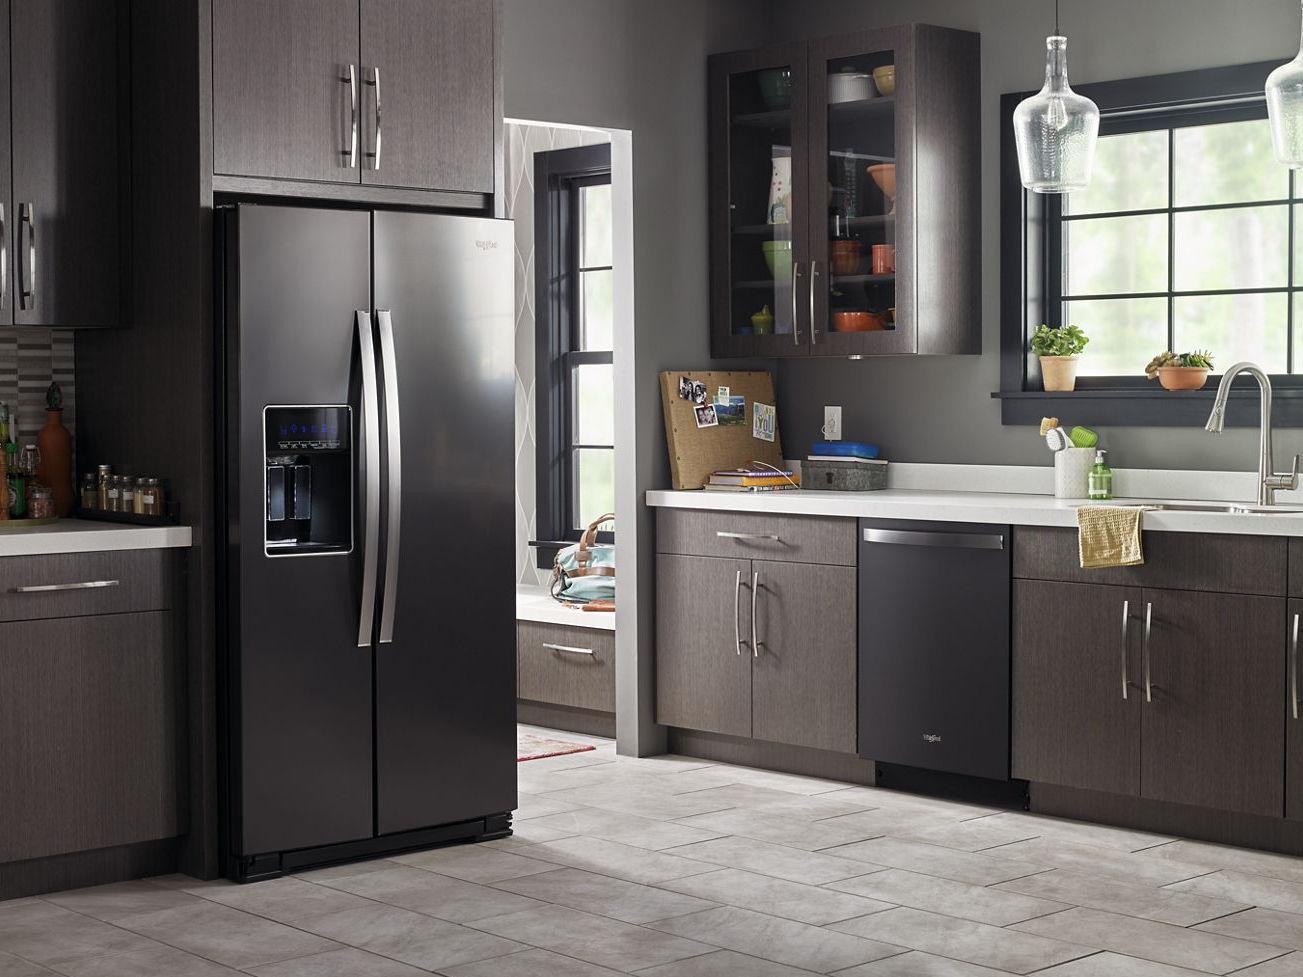 Kühlschrank Schwarz : Amerikanisch kühlschrank schwarz mit wasserspender